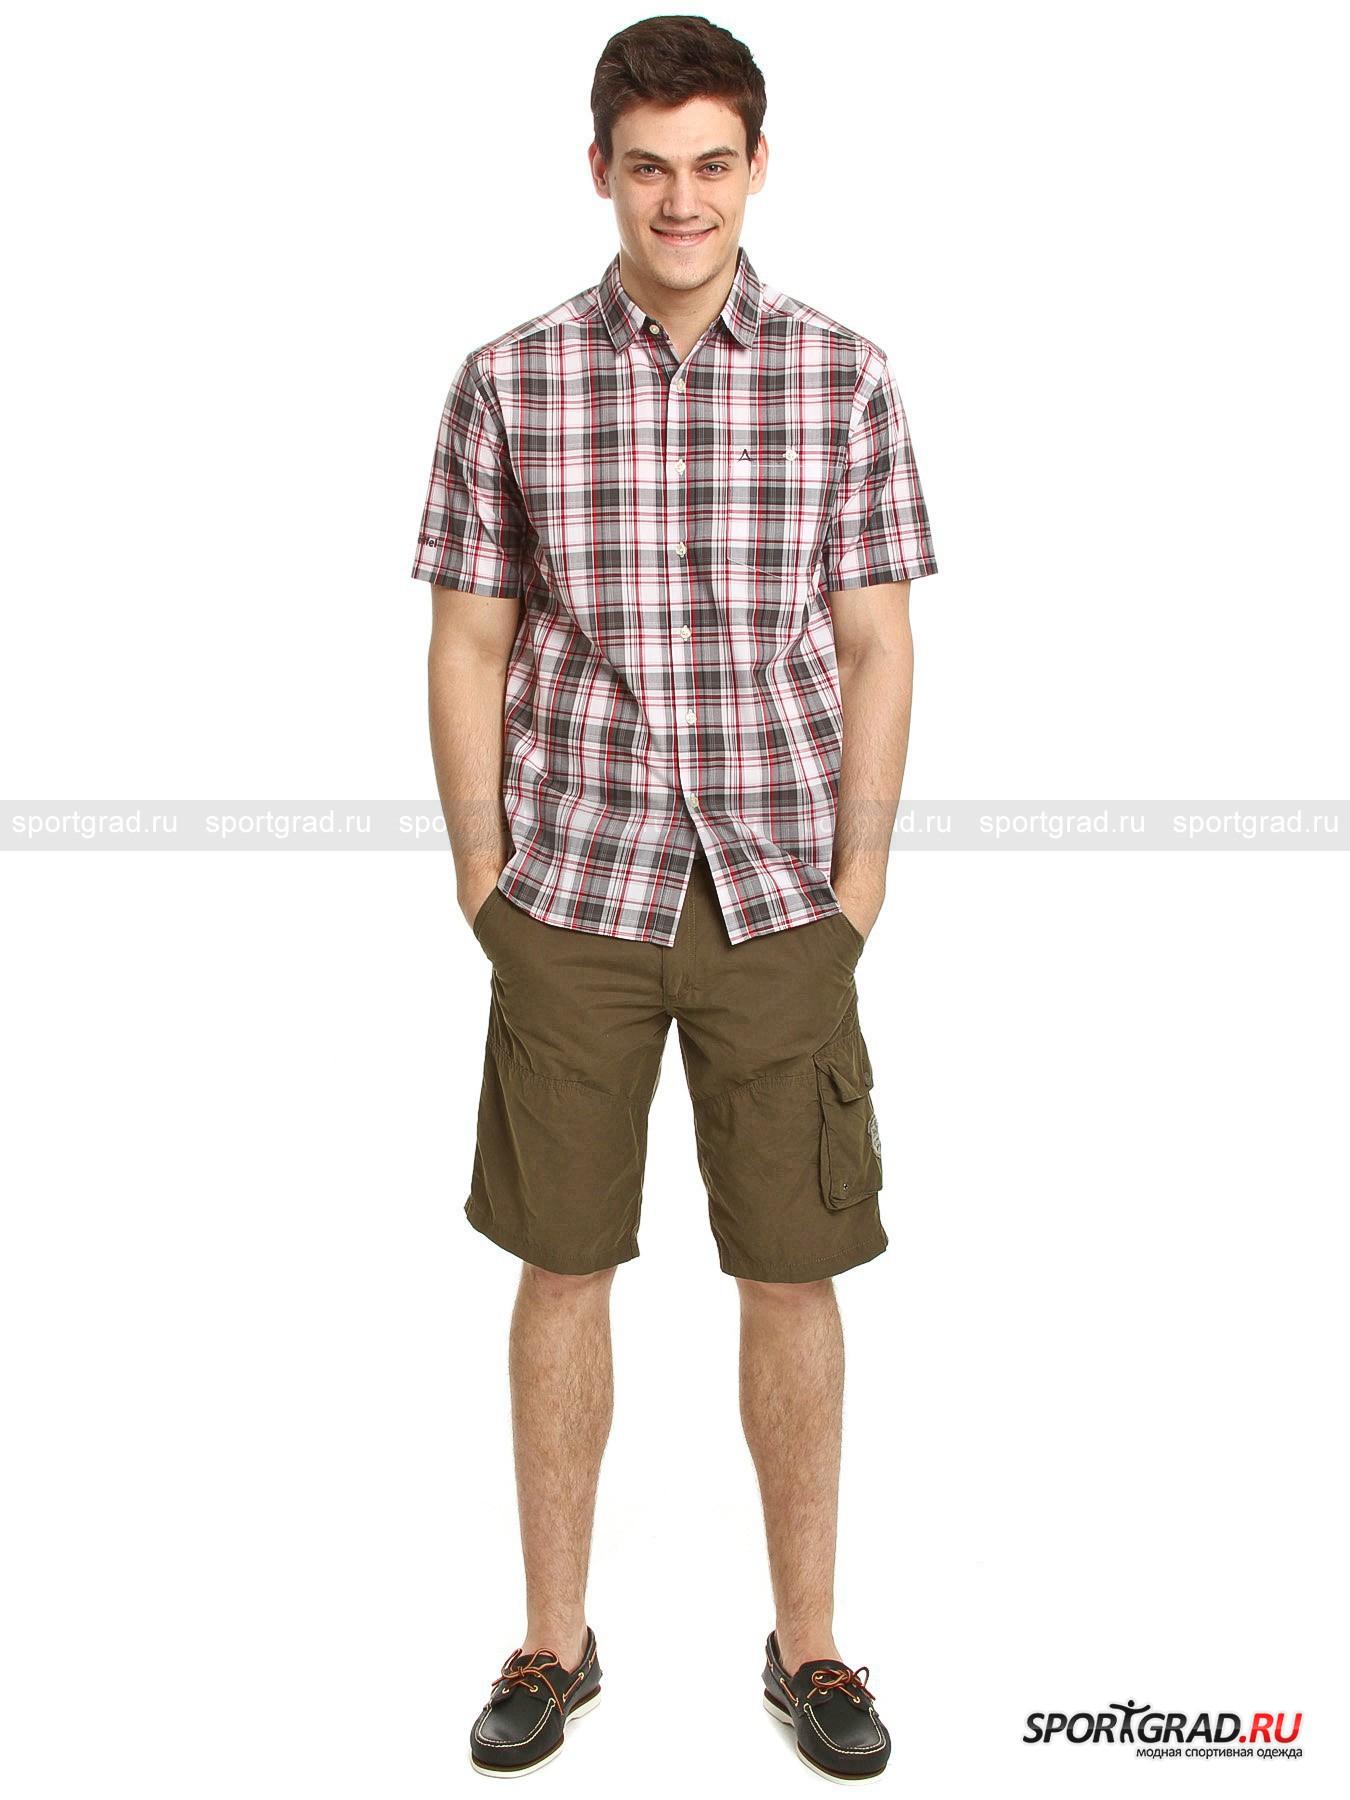 Рубашка мужская SCHOFFEL Nuru от Спортград